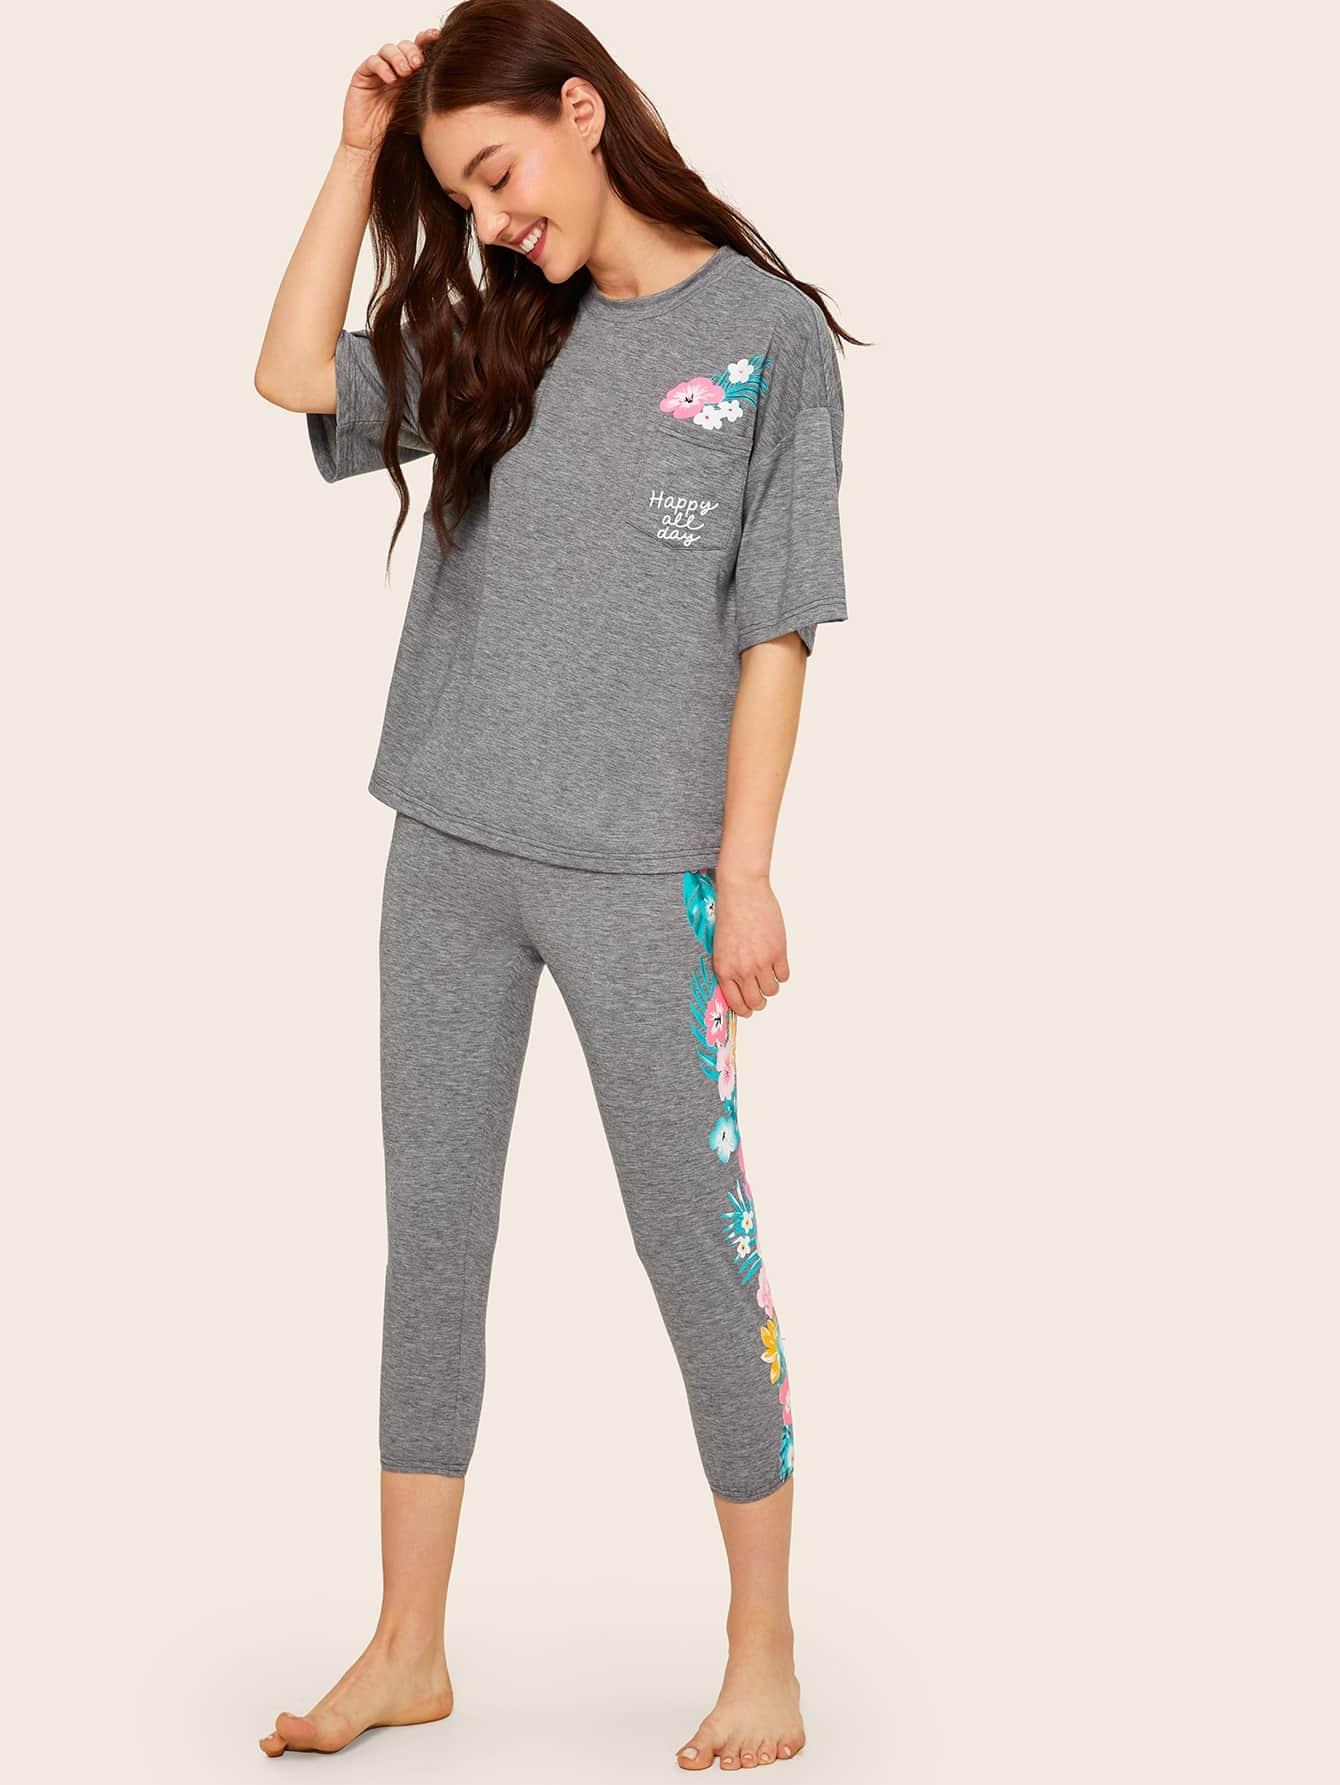 Фото - Цветочный топ с заплатой кармана и текстовым принтом и леггинсы от SheIn серого цвета